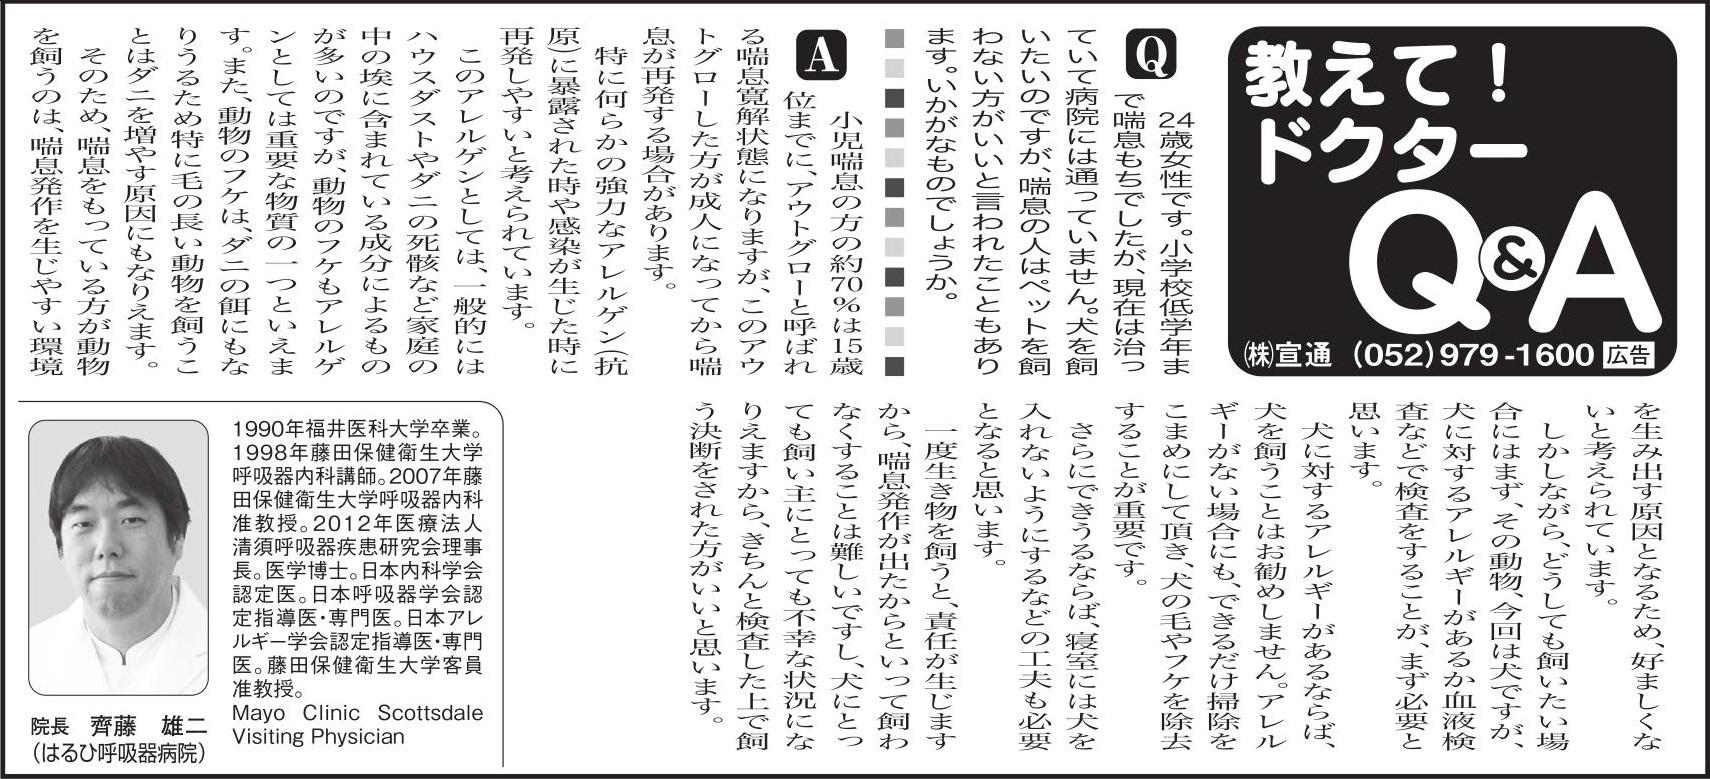 0516尾張A版②DrQ&A半2d